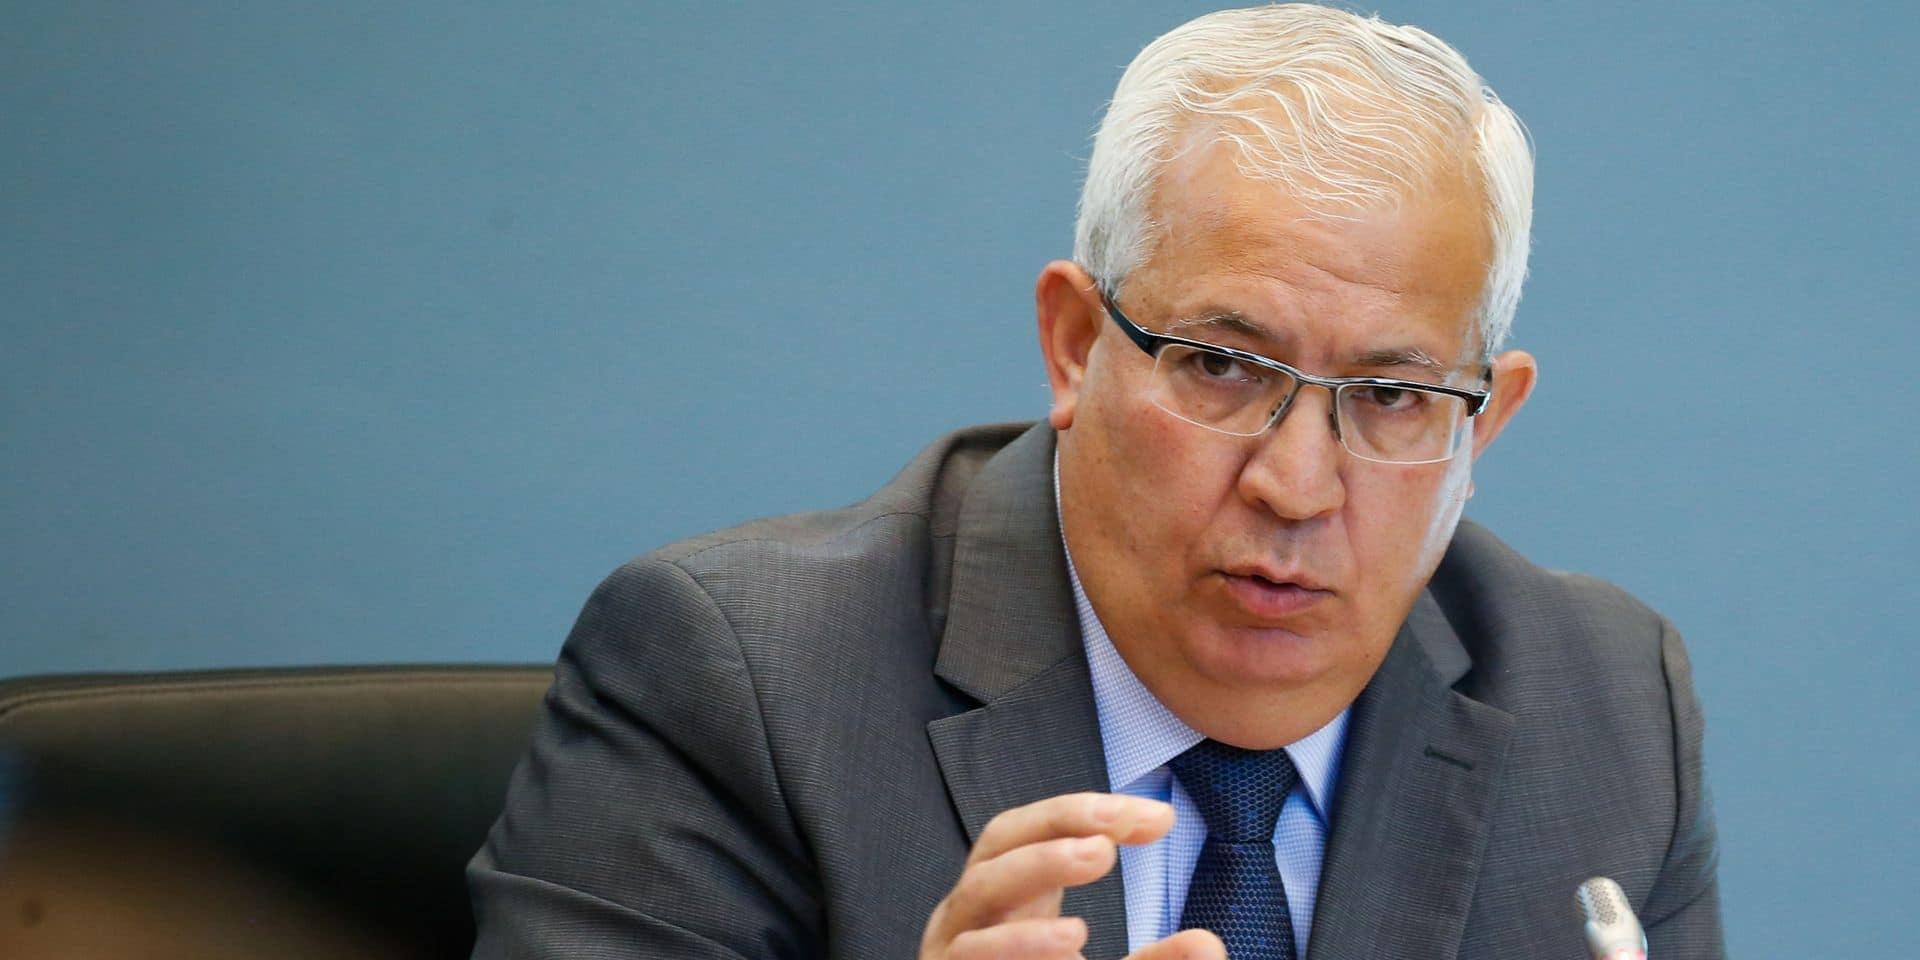 Affaire Nethys: recours de l'ex-CEO d'Integrale contre la Banque nationale et la FSMA